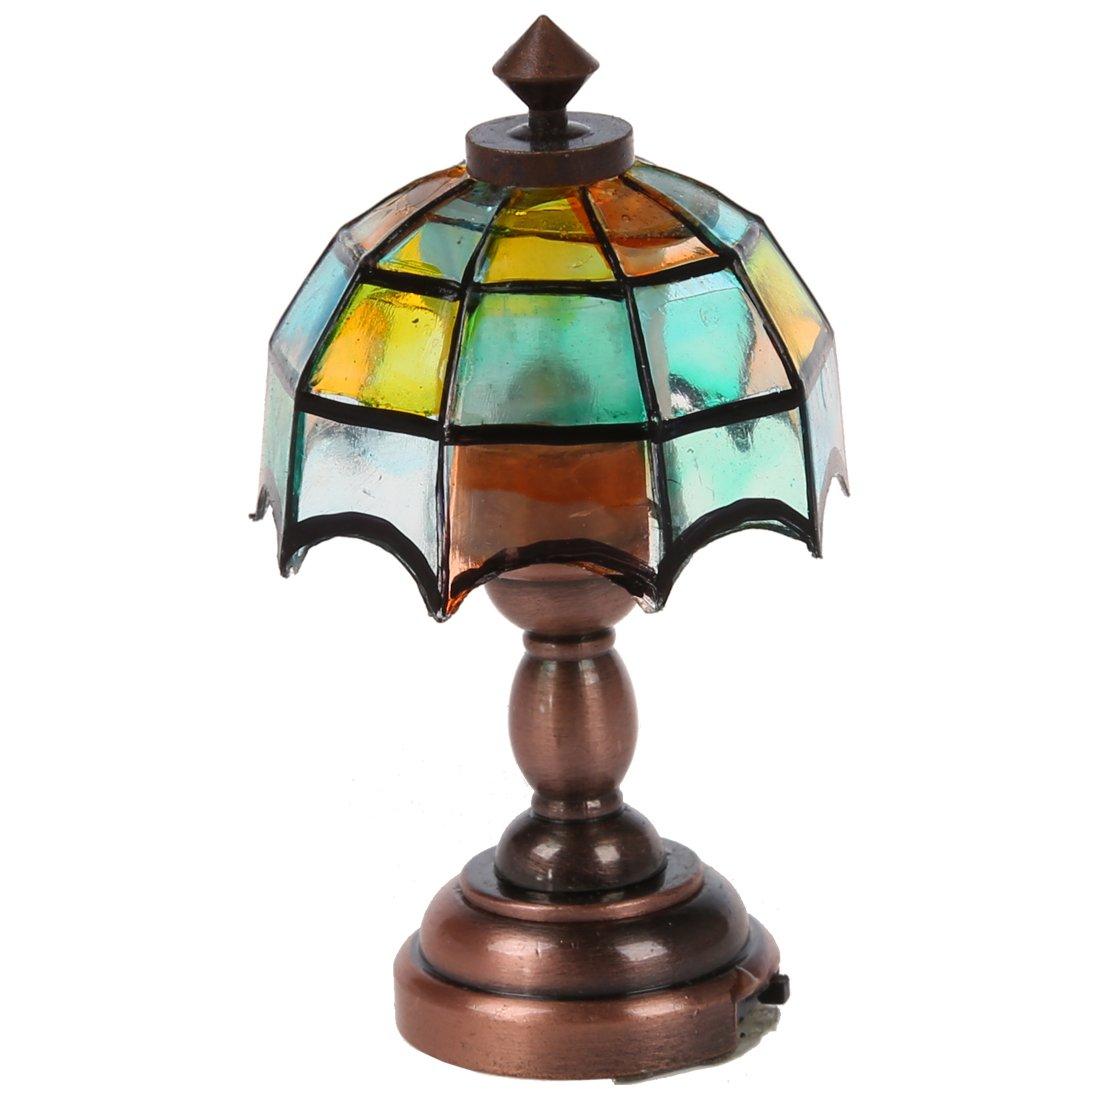 SODIAL (R) Bronce Metal 1:12 hogar miniatura LED lampara de escritorio con el forma de paraguas multicolor pantalla de lampara modelo SODIAL(R) 026828